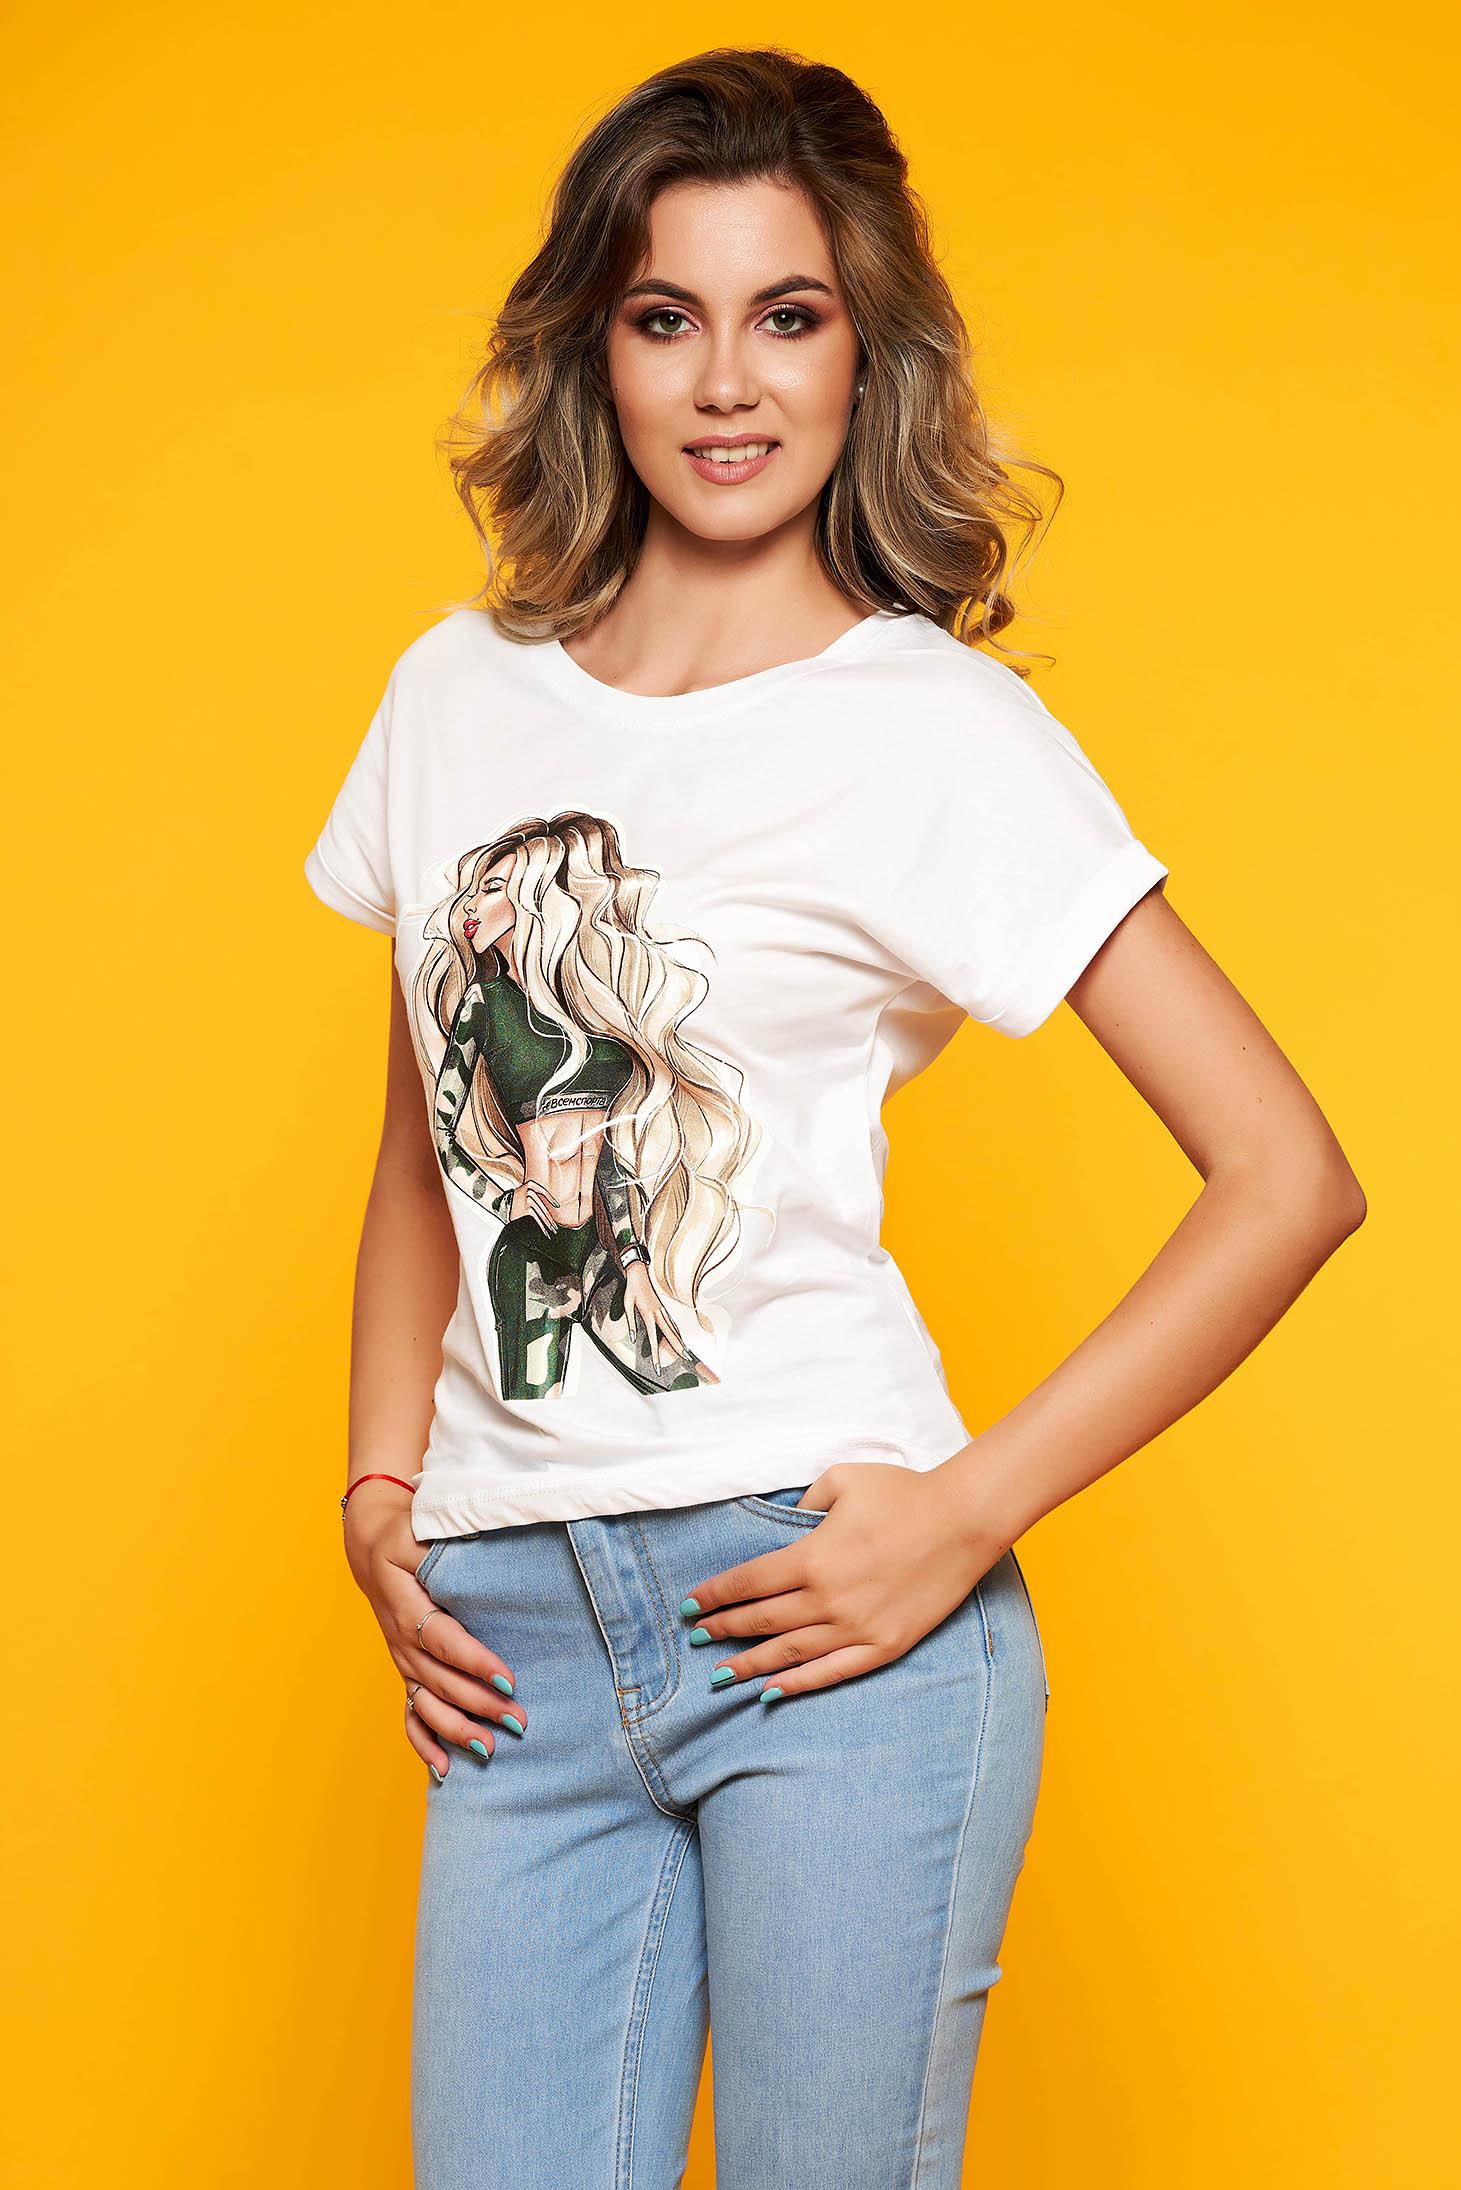 Fehér casual bő szabású pamutból készült póló kerekített dekoltázssal grafikai díszítéssel